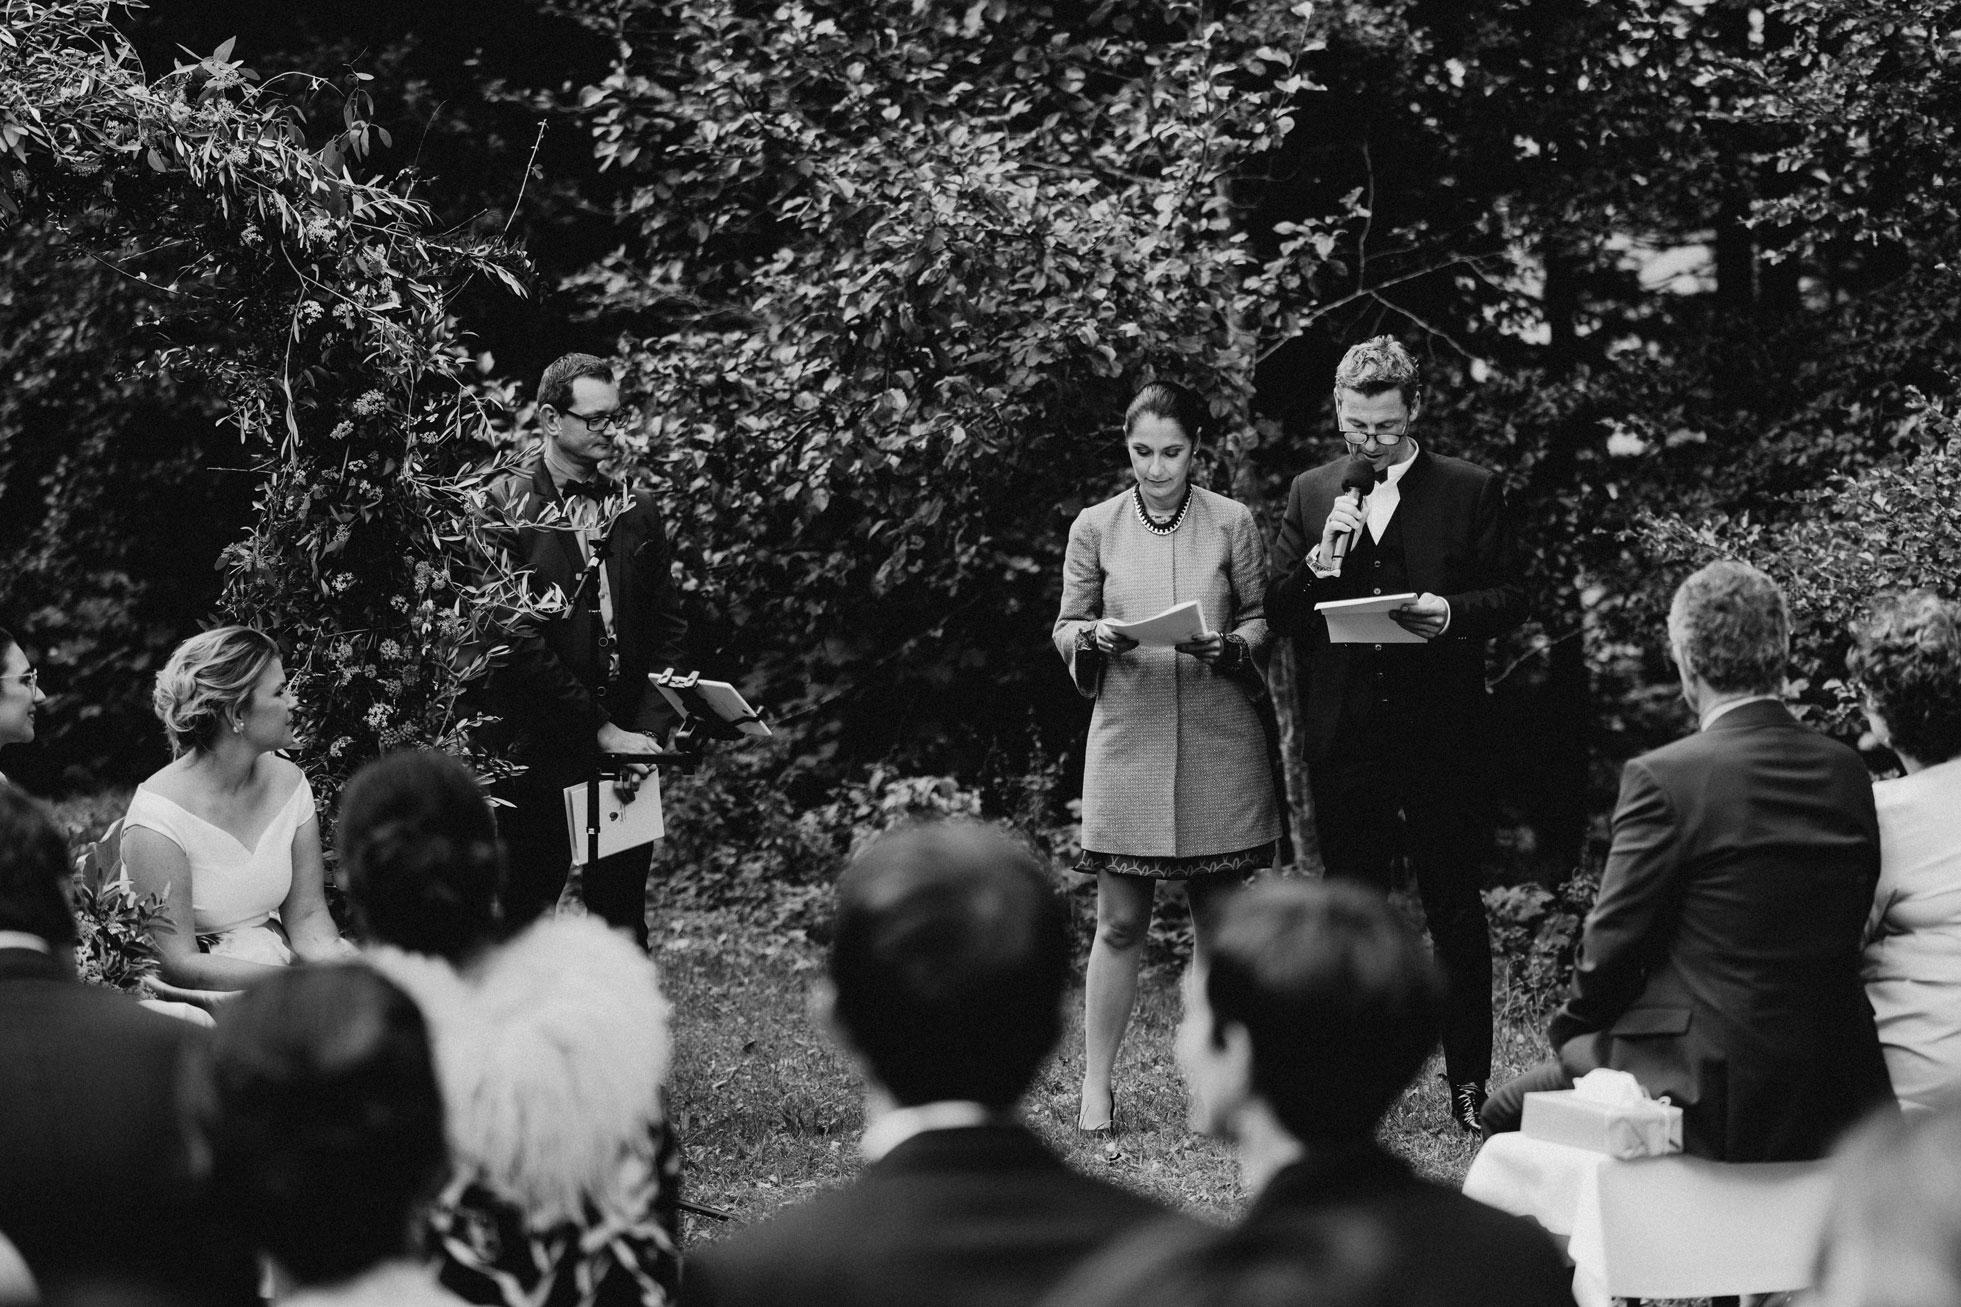 Hochzeit_Claire_Manuel_Villa_Maund_Daniel_Jenny-141.jpg